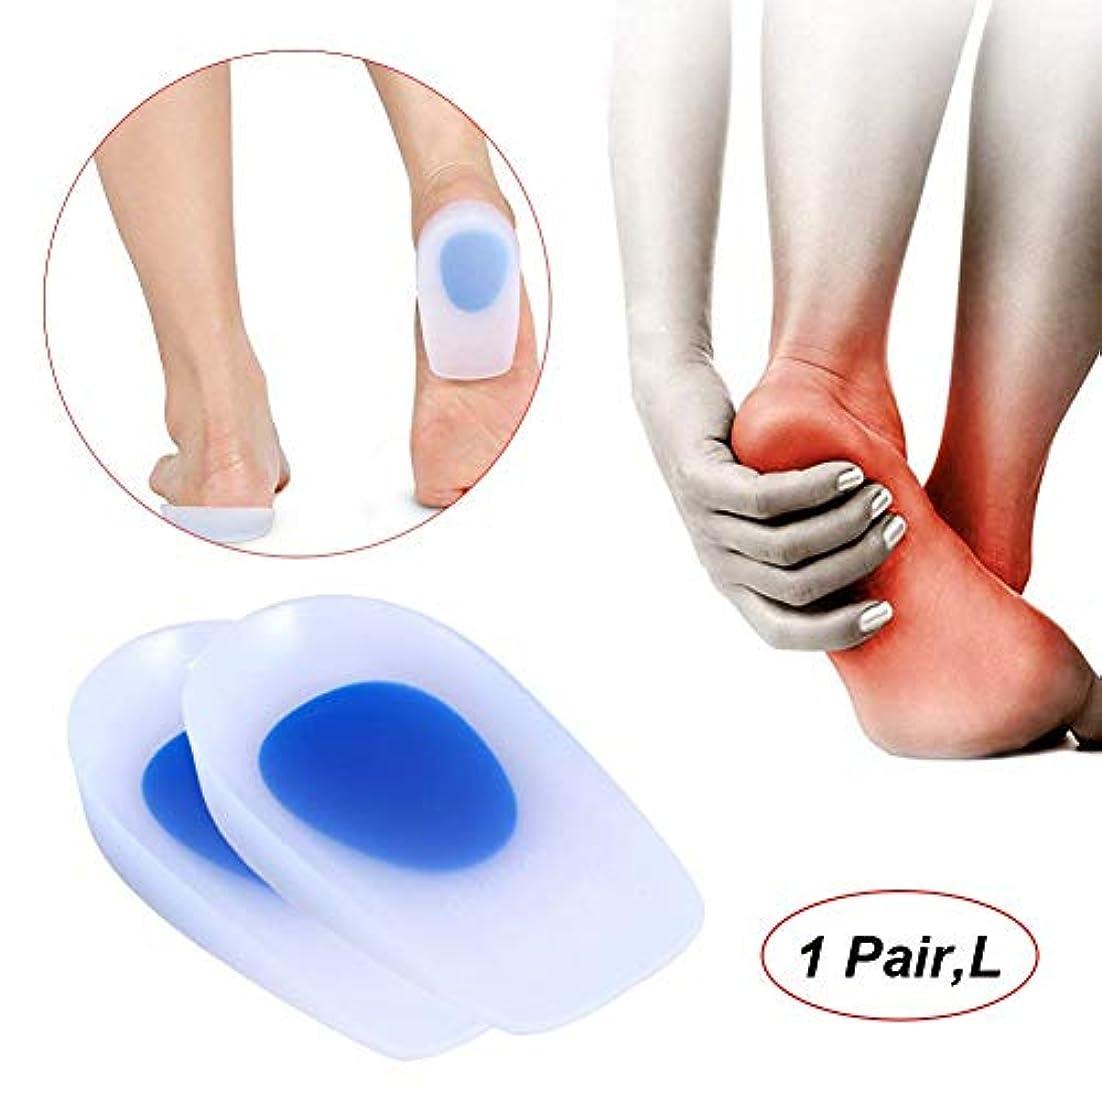 水っぽい比類なき助言するゲルヒールカップヒールシューズインサートパッド、足底筋膜炎の痛みを和らげる、男性と女性のヒール骨棘とアキレス腱炎(1ペア)L